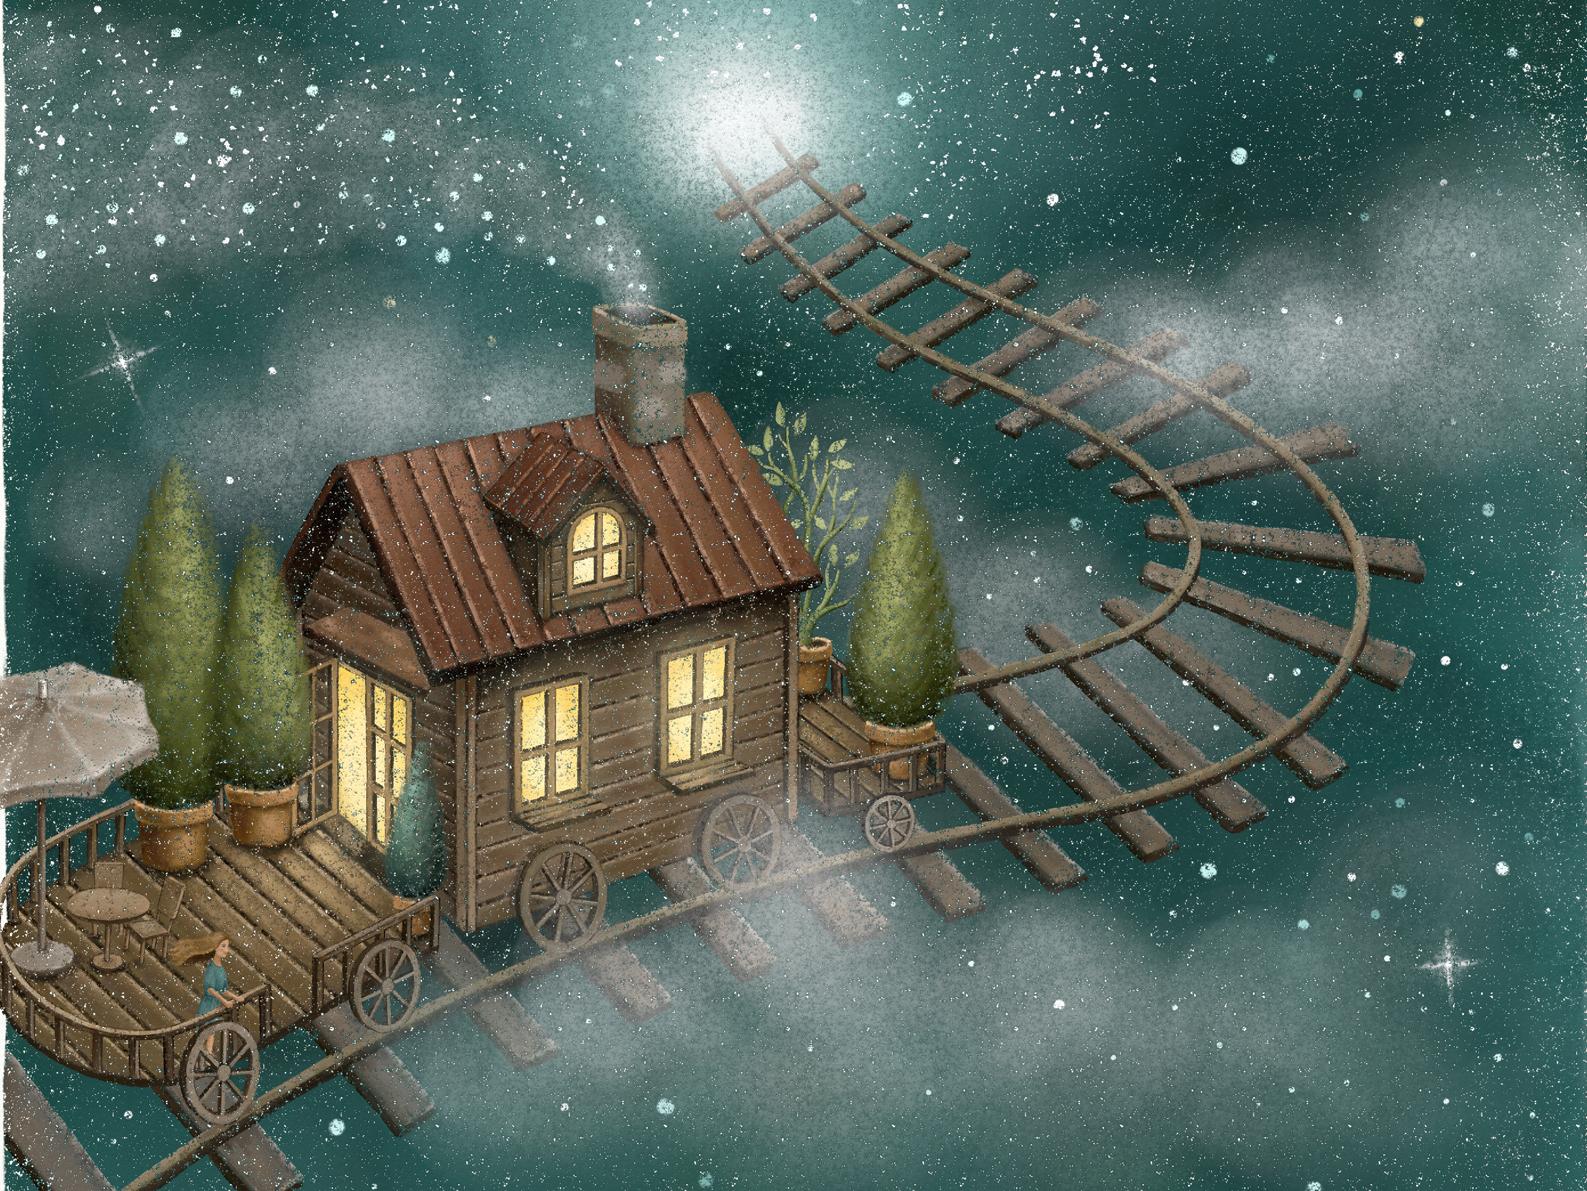 Drifting Into The Light storybook star midnight dream dreamy light fantasy magical train artwork moonlight night painting starry illustration illustration art